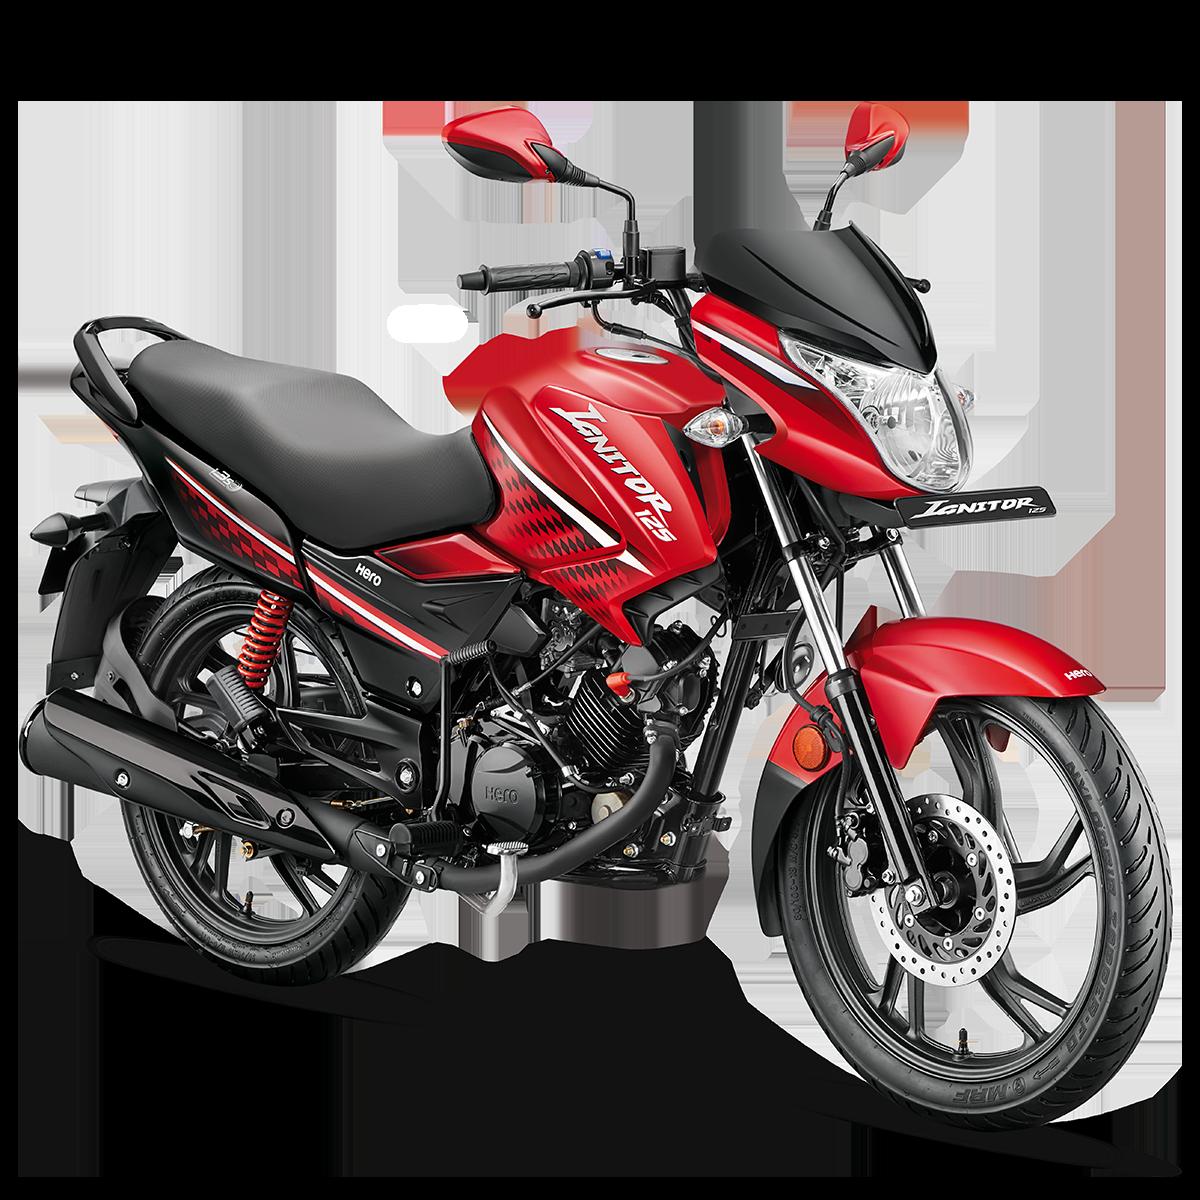 IGNITOR - Motor: 125cc / Potencia: 11.4 bhpPrecio: $1,525.00